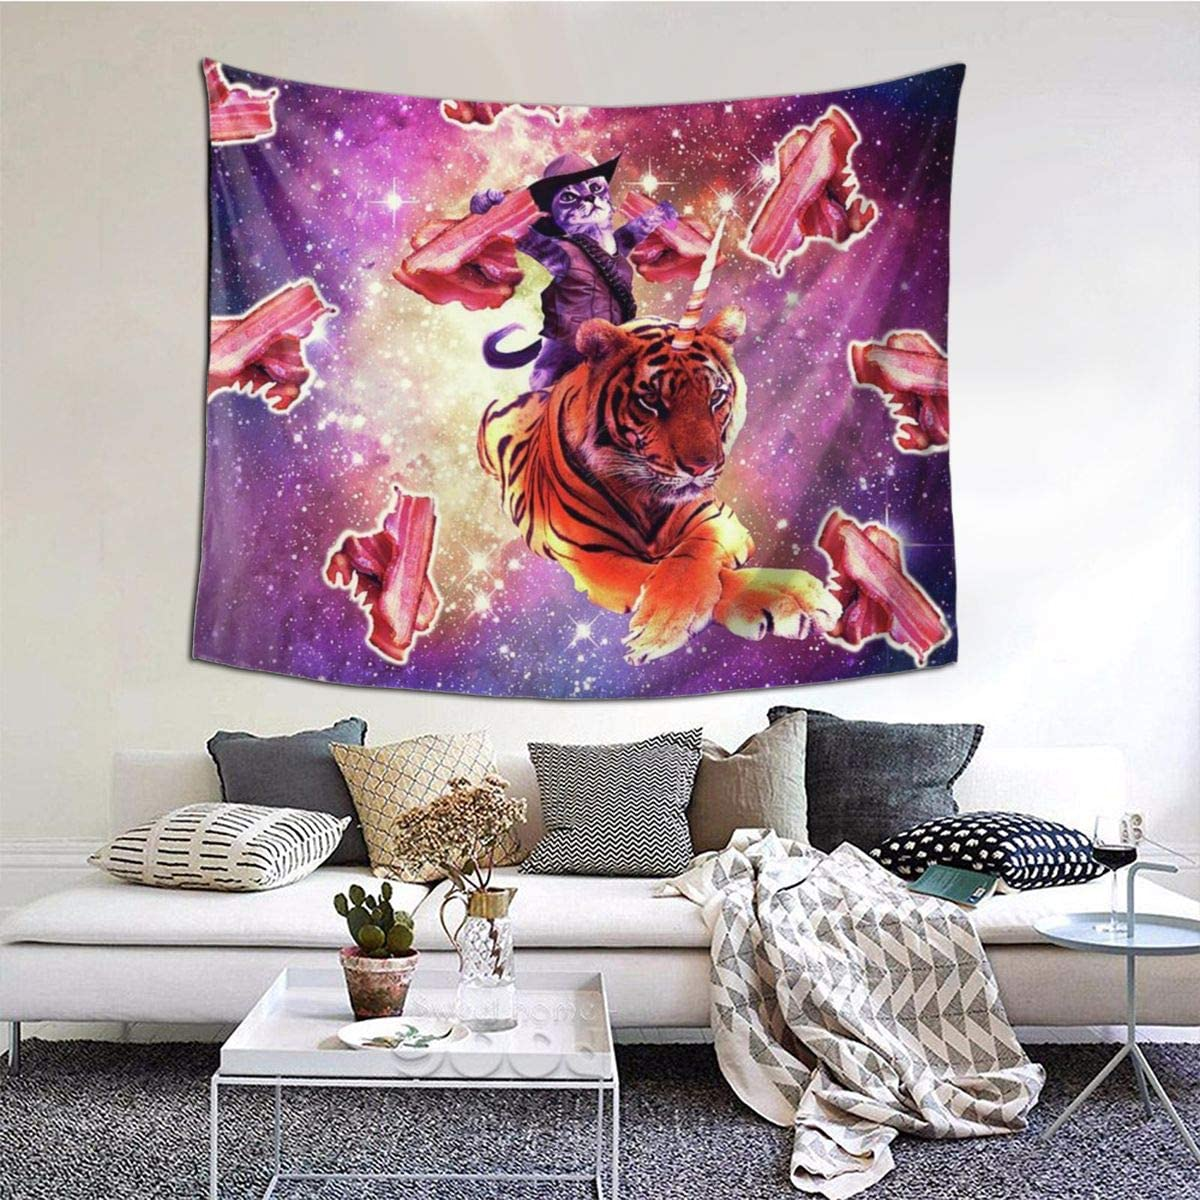 decoraci/ón de pared hippie dormitorio Xqqr sala de estar dise/ño de vaquero y gato montando tigre para dormitorio Tapiz decorativo para pared 152 x 51 pulgadas